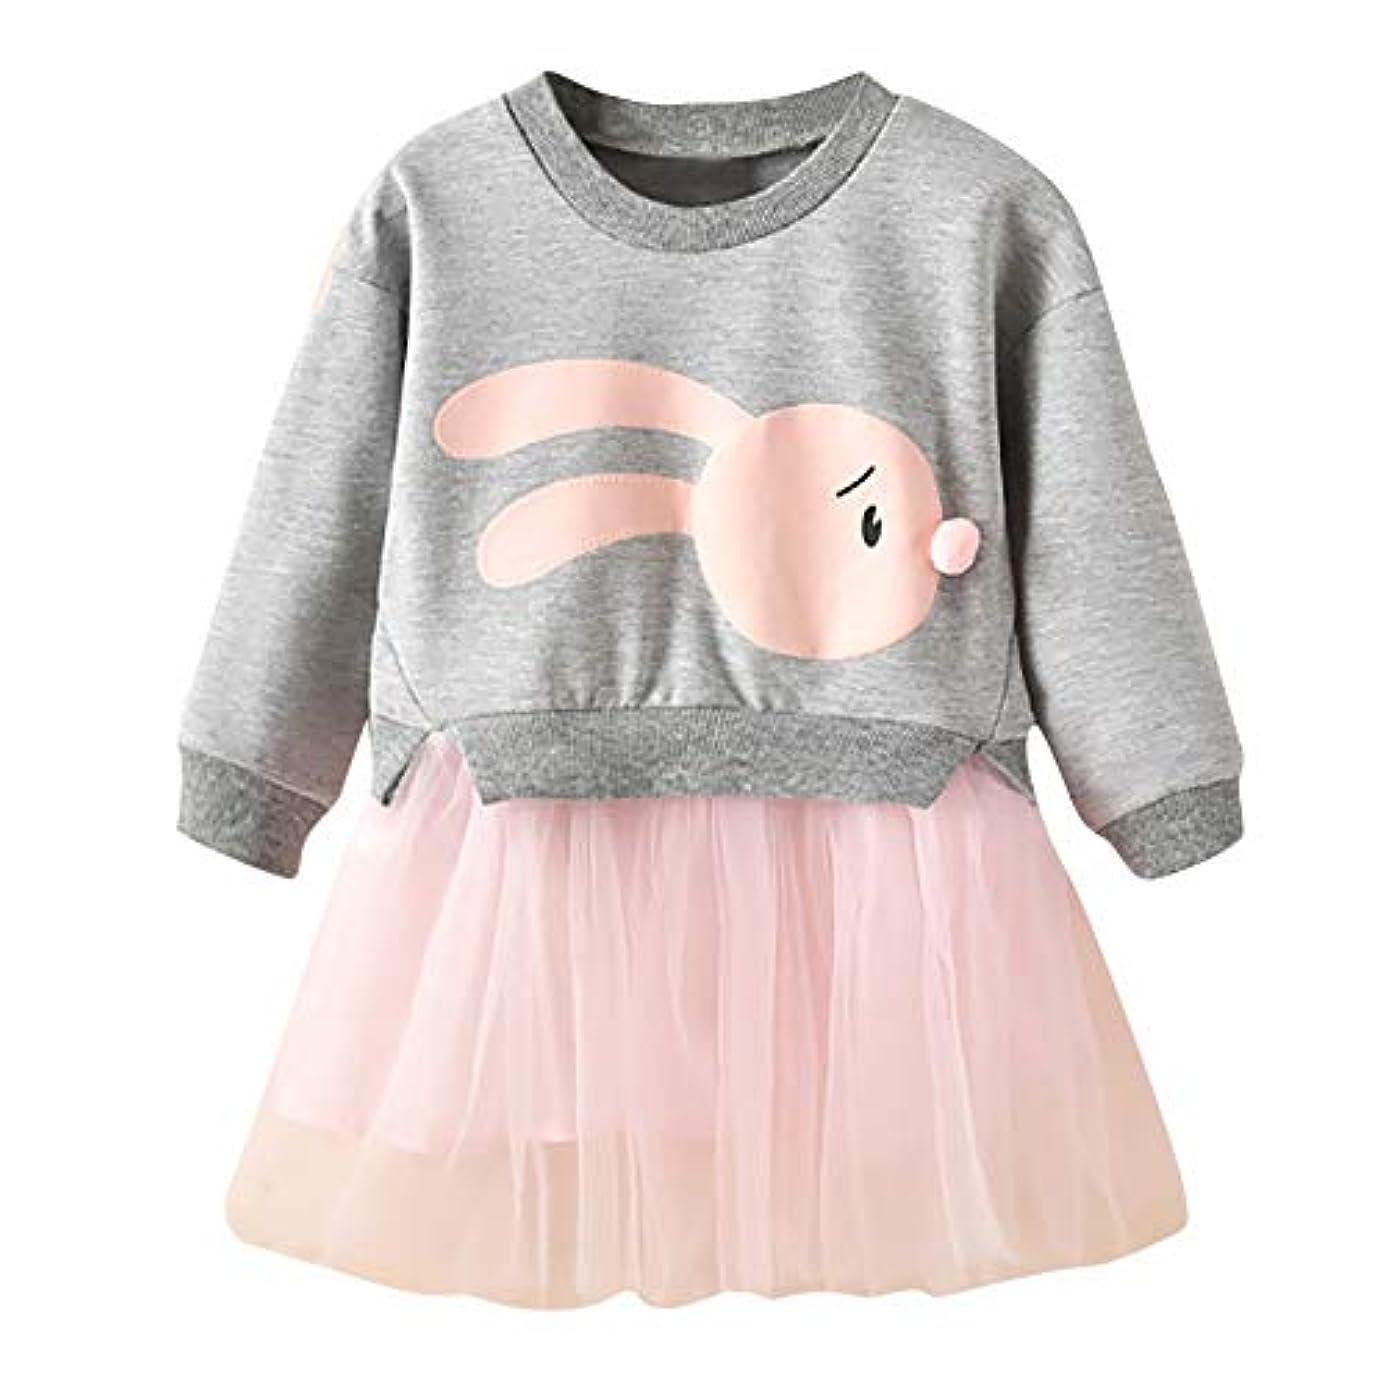 責任インシデント契約するOnderroa - 冬の子供服の女の赤ちゃんの漫画のバニープリンセスパッチワークトレーナーチュールドレス服roupaのinfantil